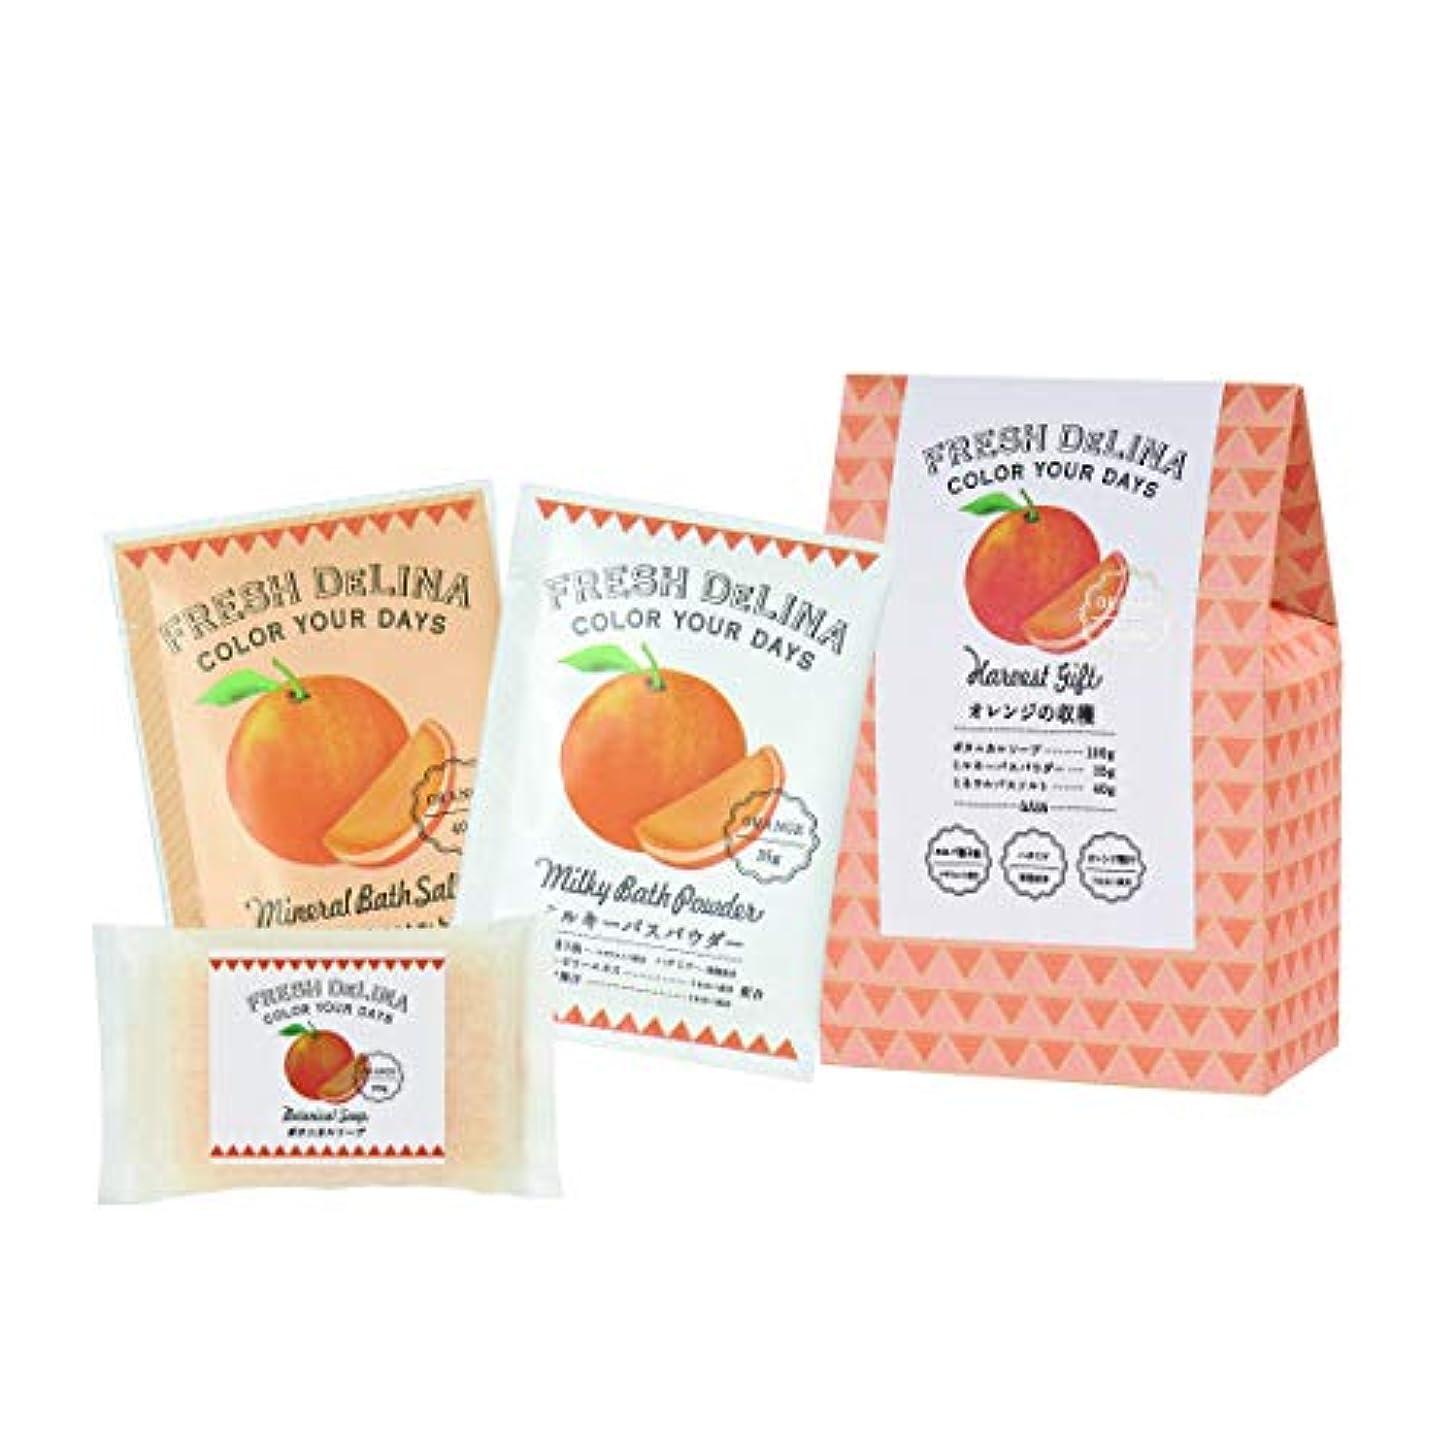 トマト促すメンタリティフレッシュデリーナ ハーベストギフト オレンジ (ミルキバスパウダー35g、ミネラルバスソルト40g、ボタニカルソープ100g 「各1個」)